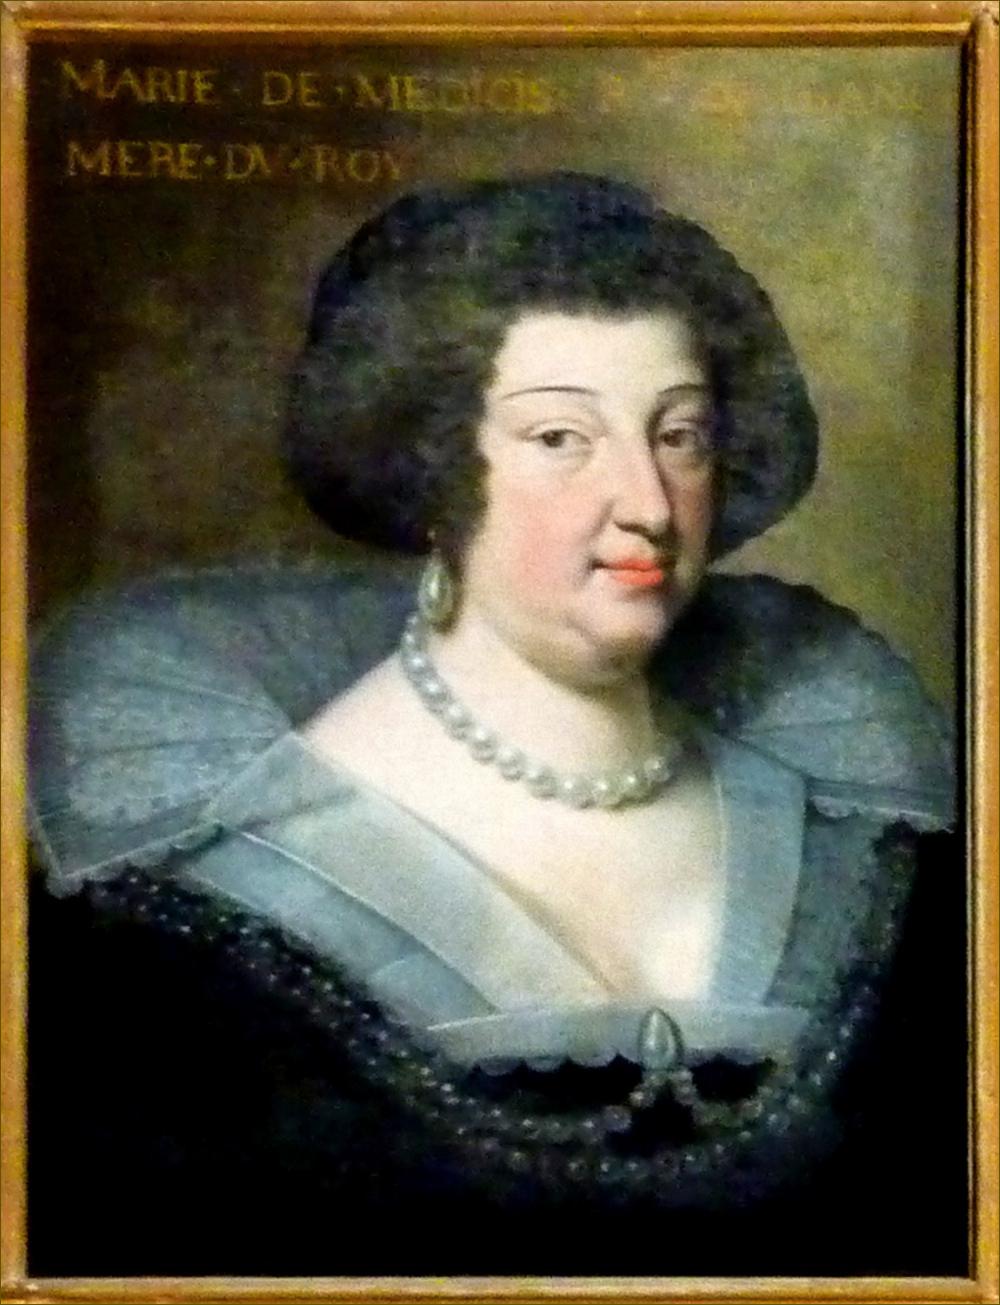 Marie de Médicis, reine de France et de Navarre